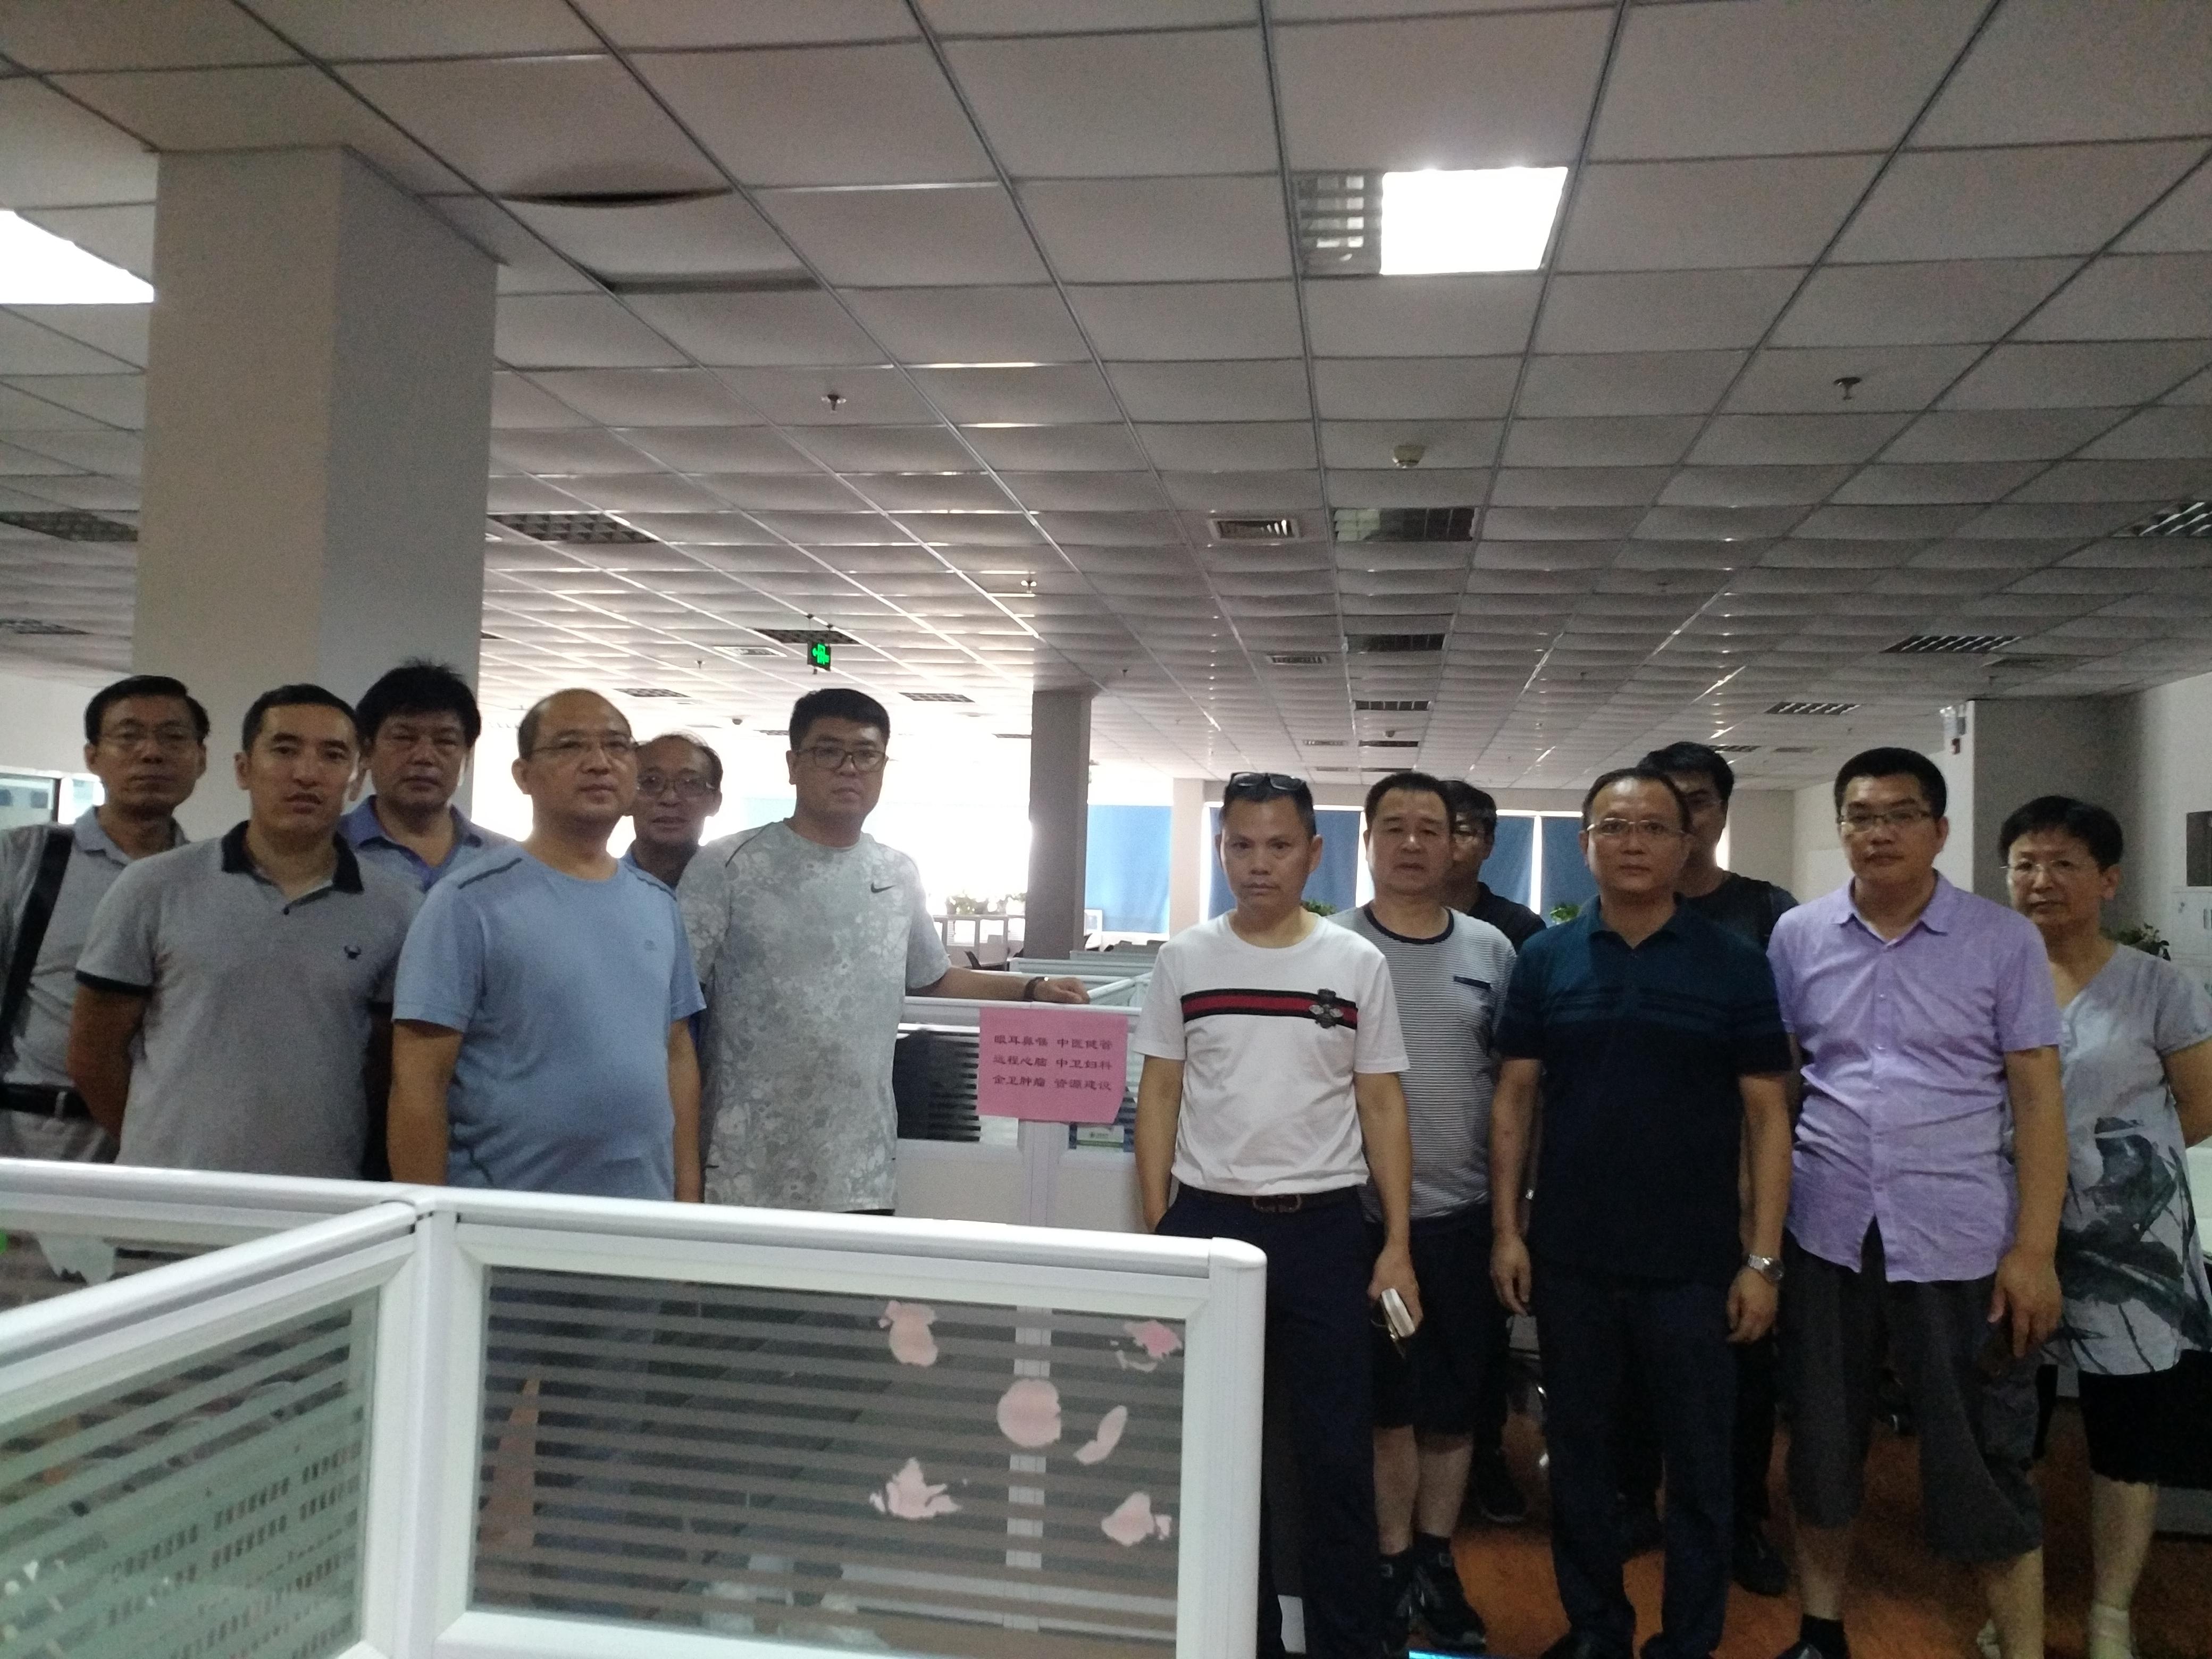 來自全國各地十余位縣級醫院院長來到北京遠程視界